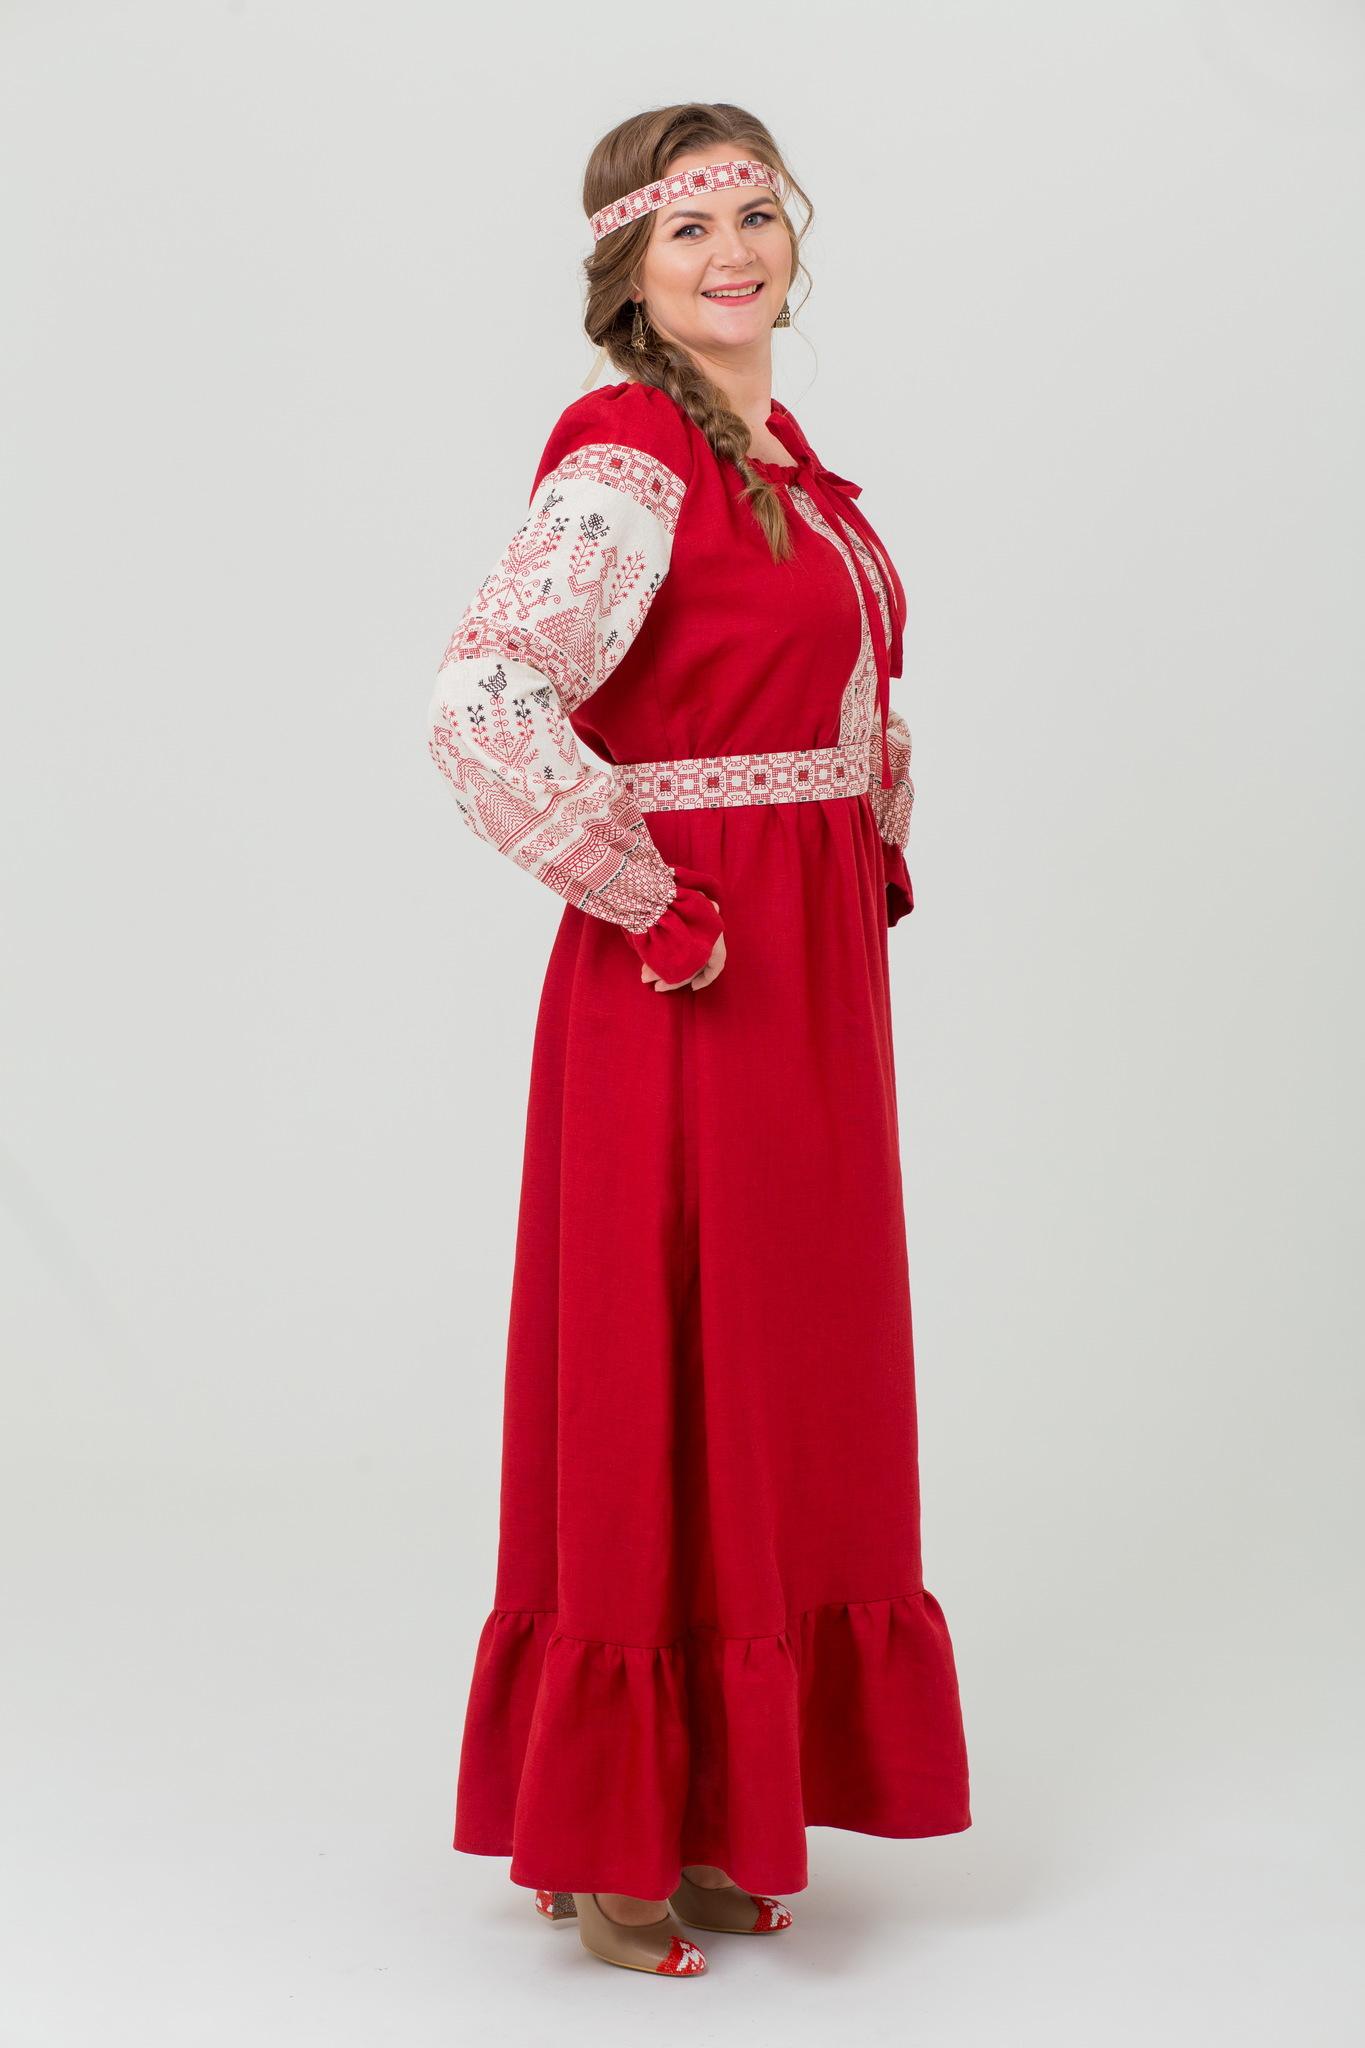 Платье льняное Брусничный цвет русское народное